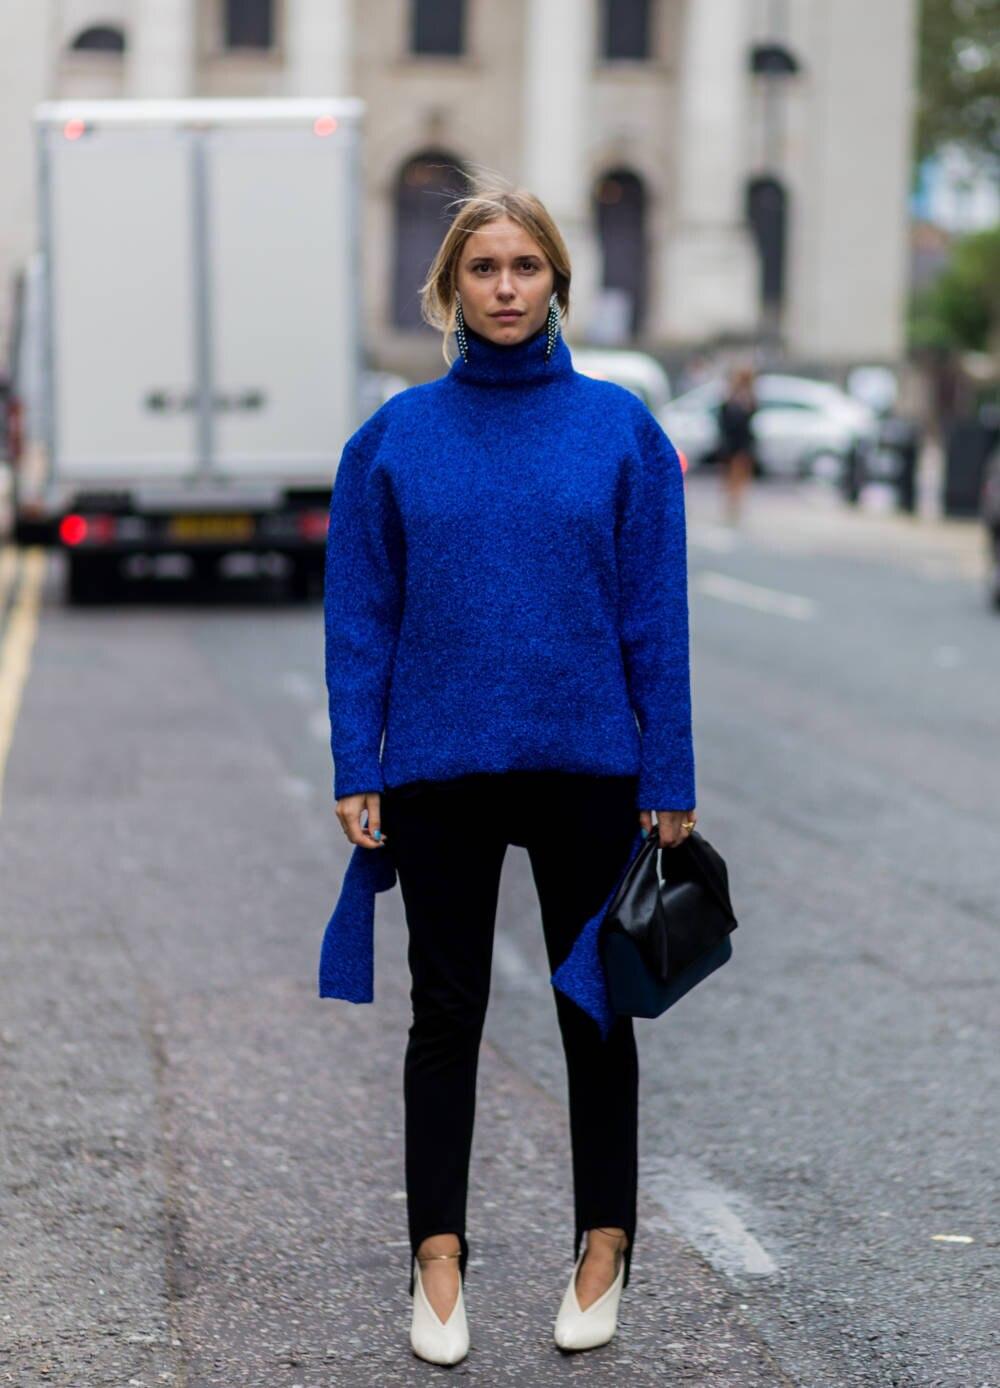 Frau mit blauem Pullover und Steghose